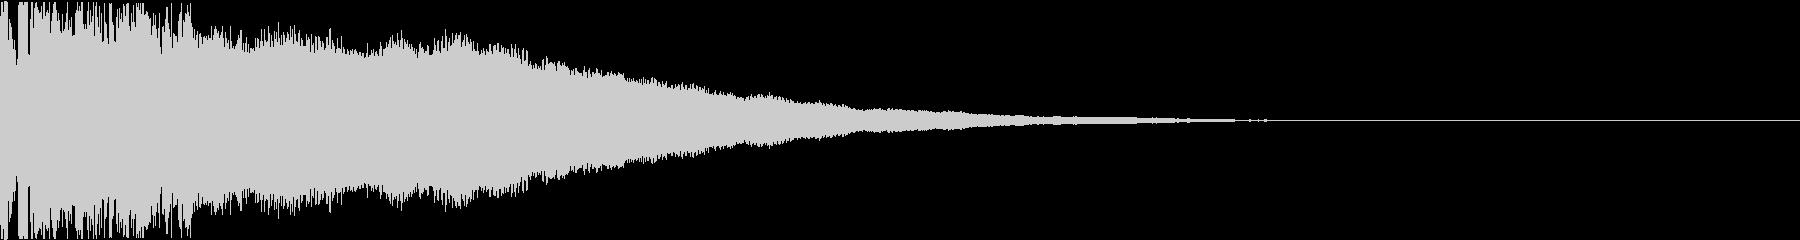 ピキーン:当たり・衝撃・ヒットの未再生の波形